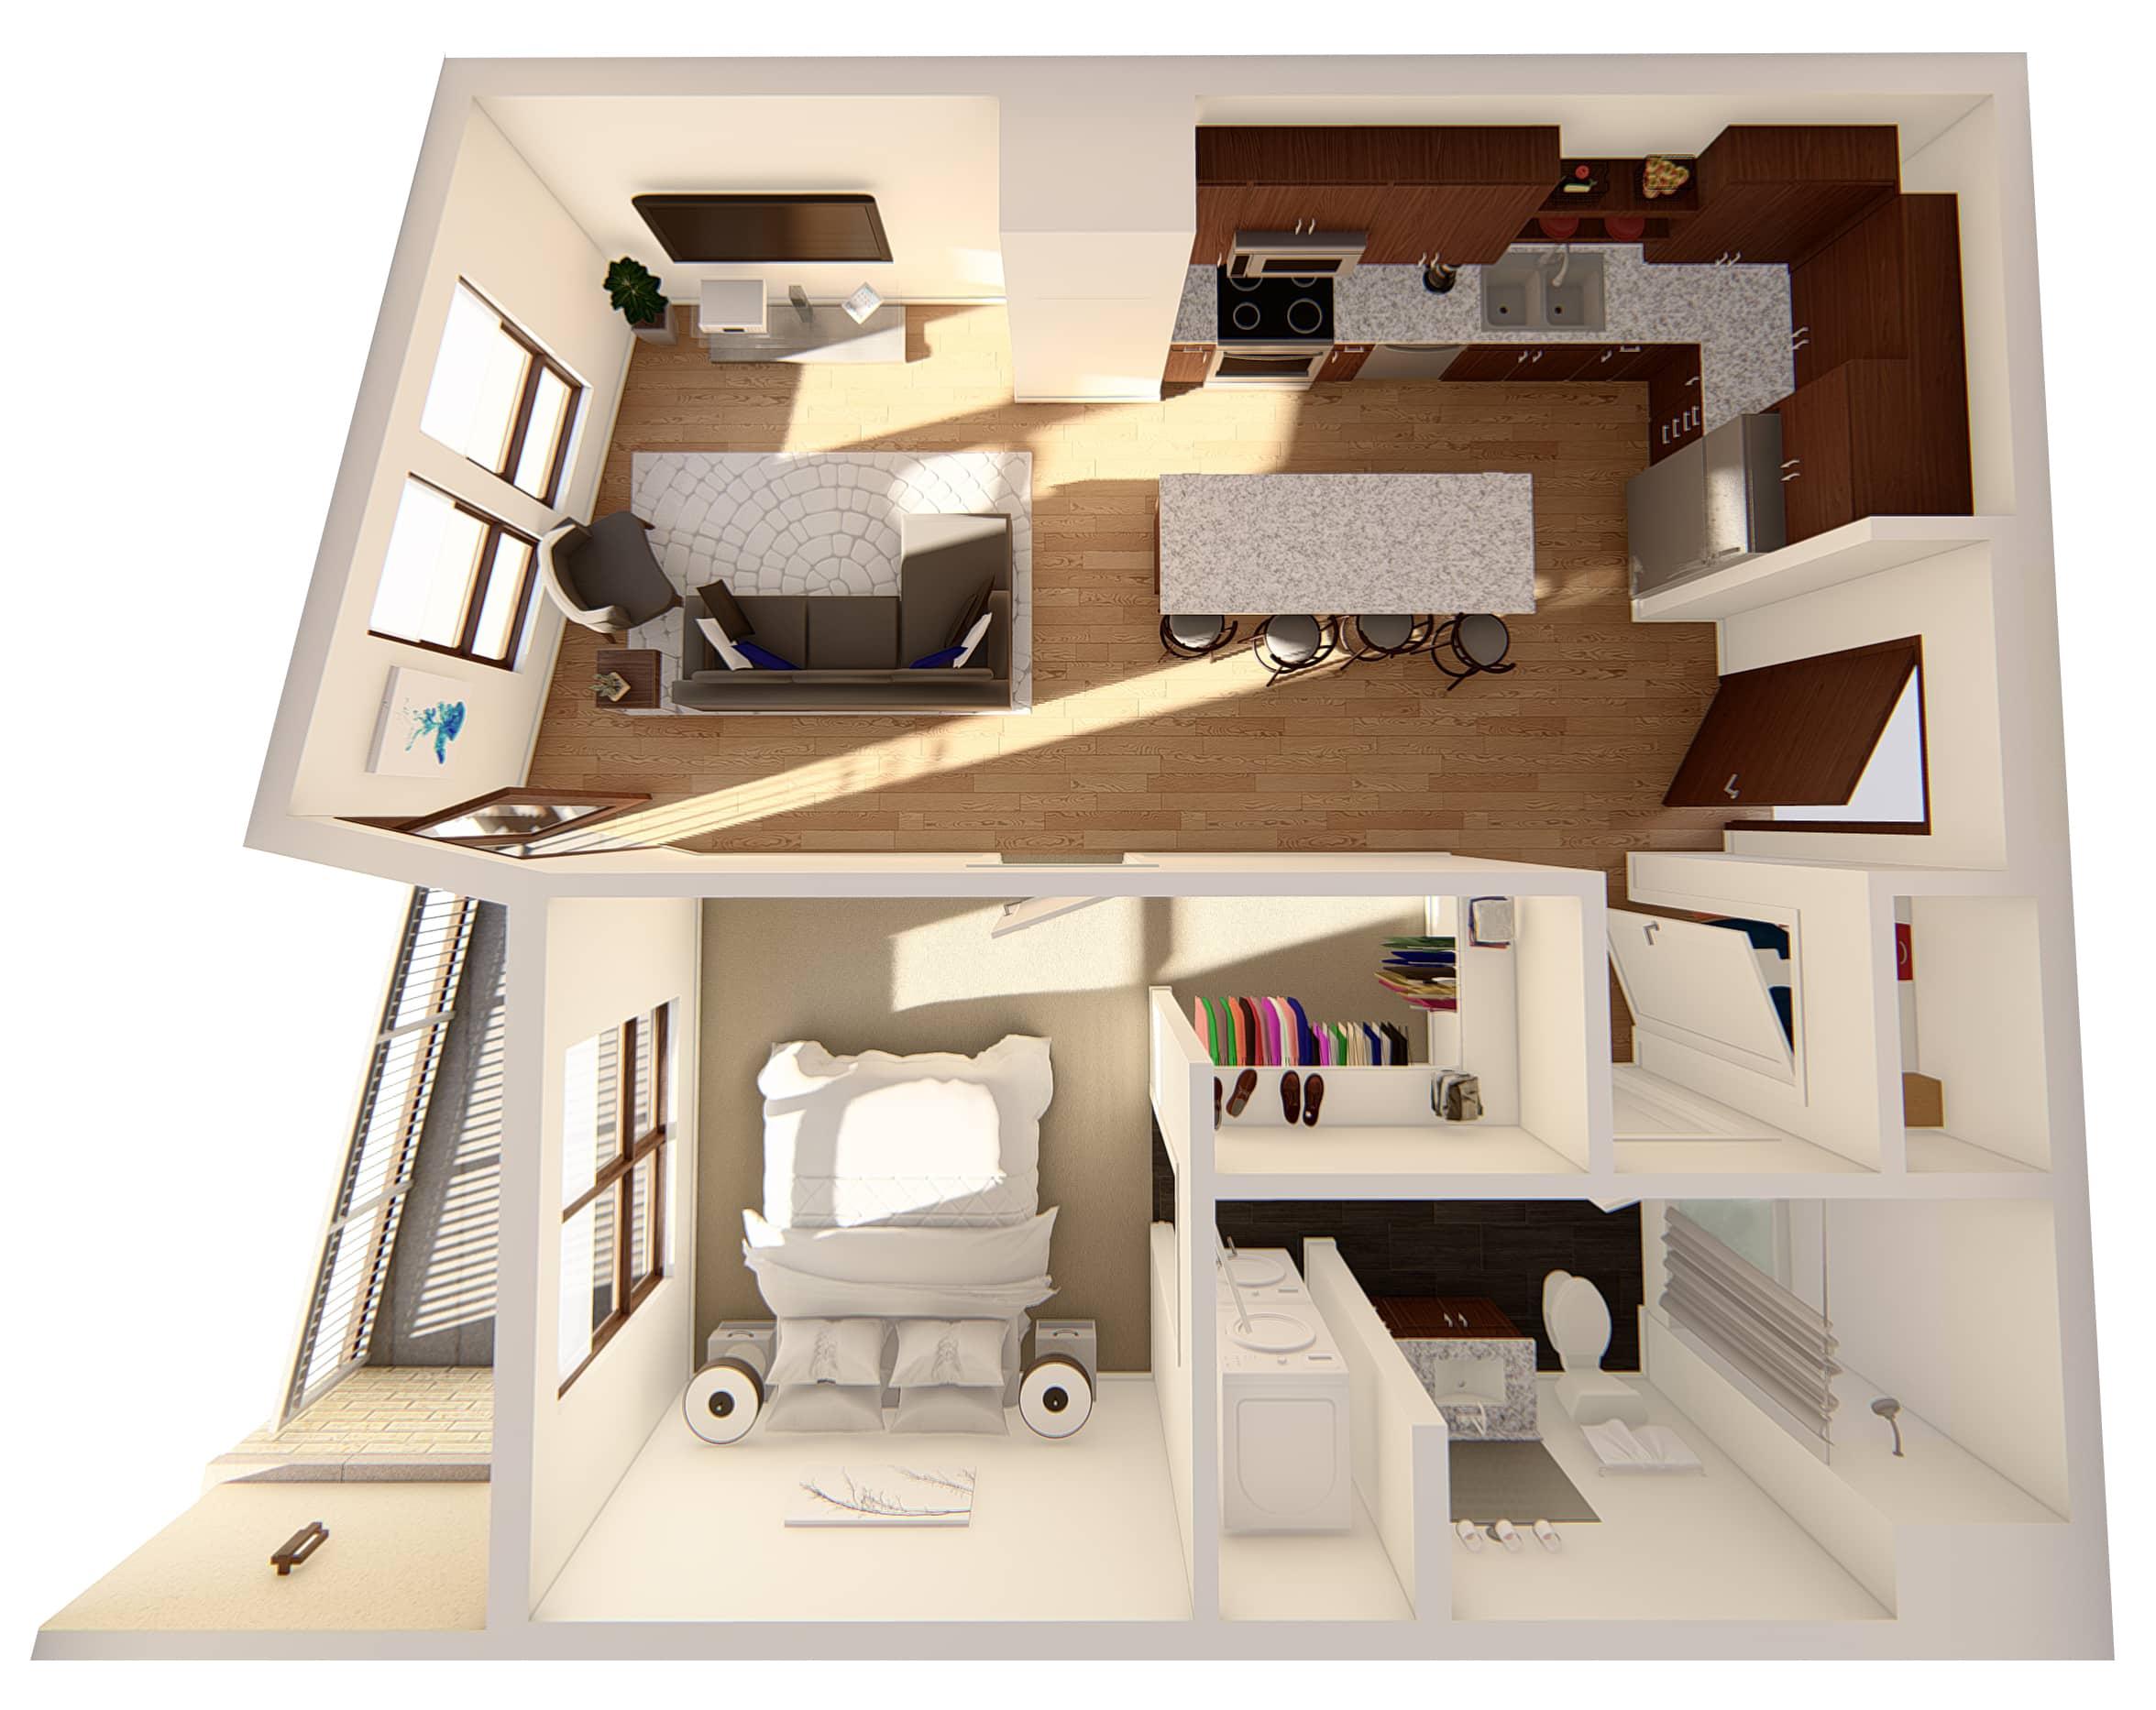 D611751ee9490211cd12d0038b385b4d0495f05c elwood unit render